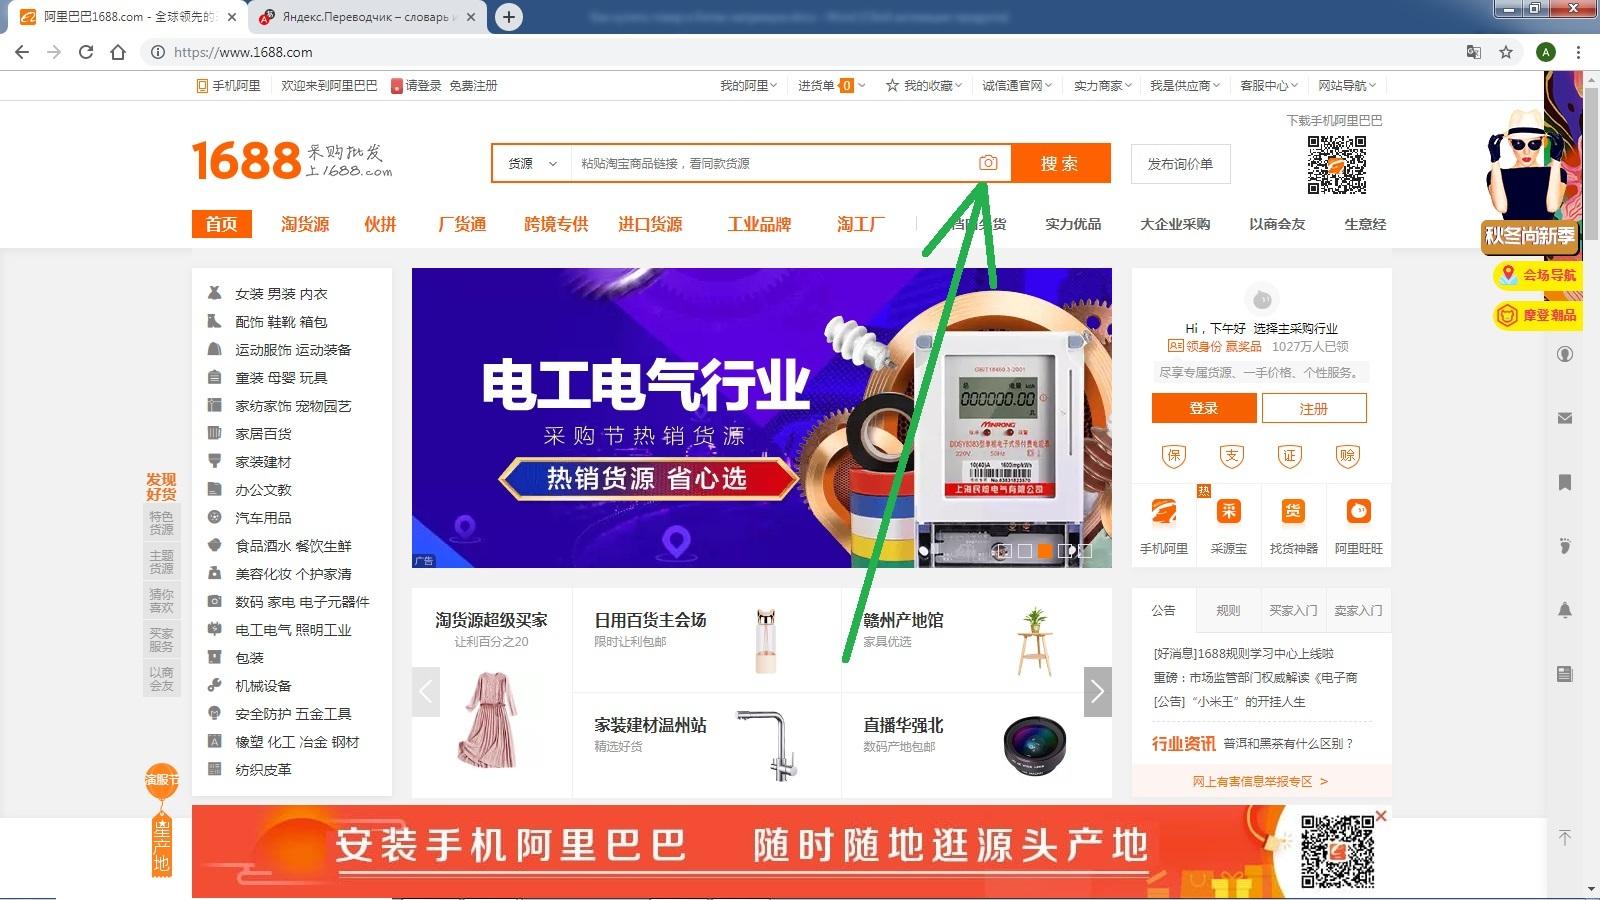 оснащена поиск товара в китае по фото скажу, членство лиге